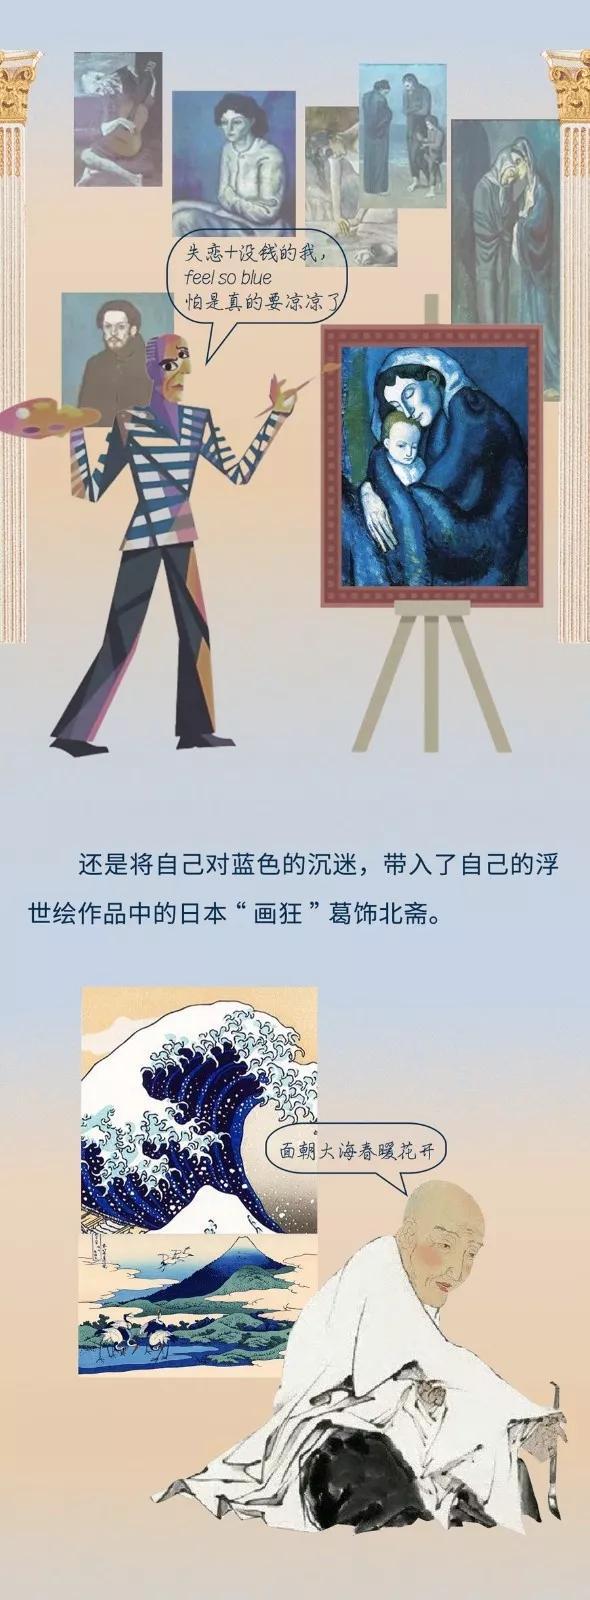 蓝的寓意和象征,青金石